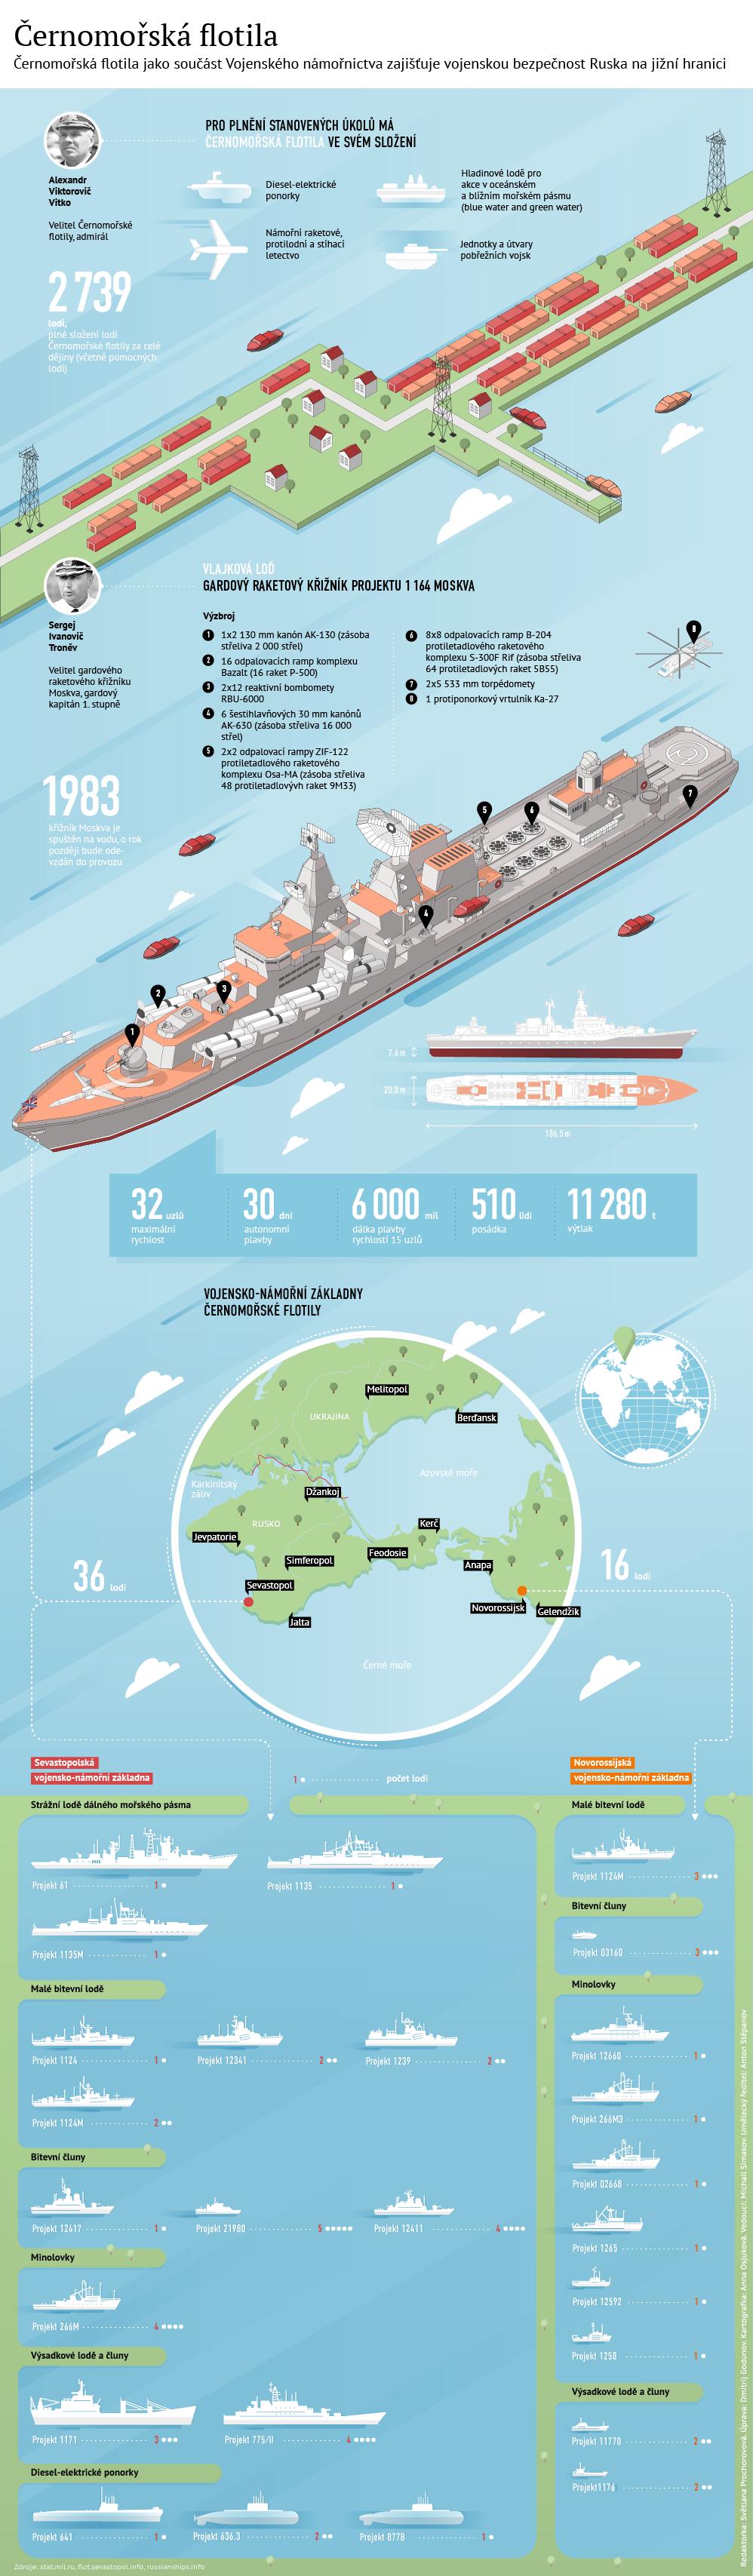 Černomořská flotila a její vlajková loď